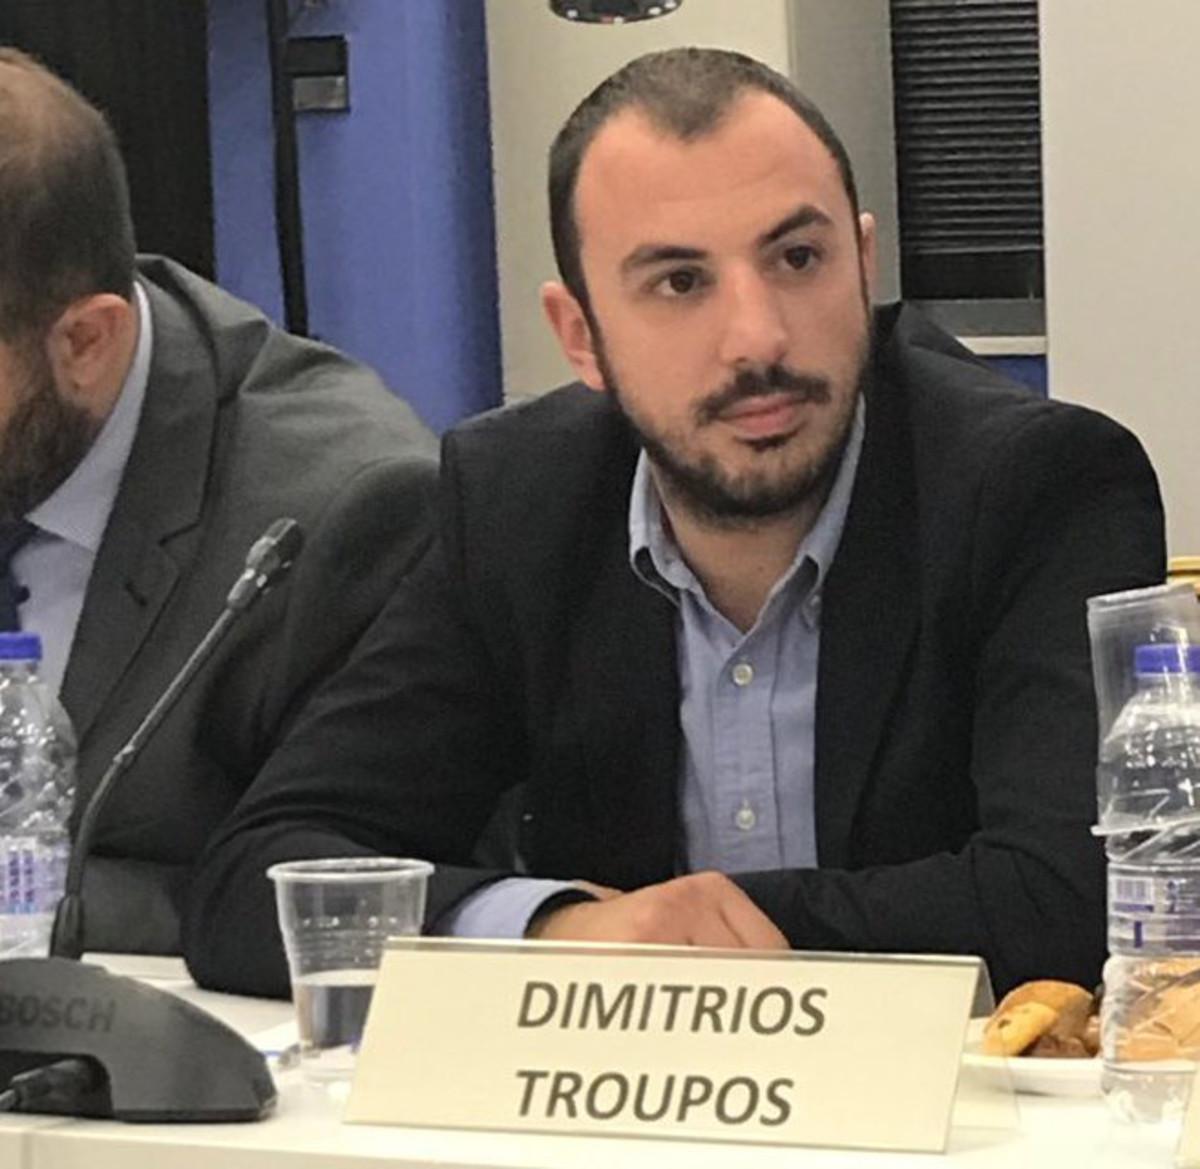 Σάλος για το στέλεχος της ΟΝΝΕΔ που χαρακτήρισε…πιθήκους τους Σκοπιανούς και «απείλησε» τον Τσίπρα | Newsit.gr